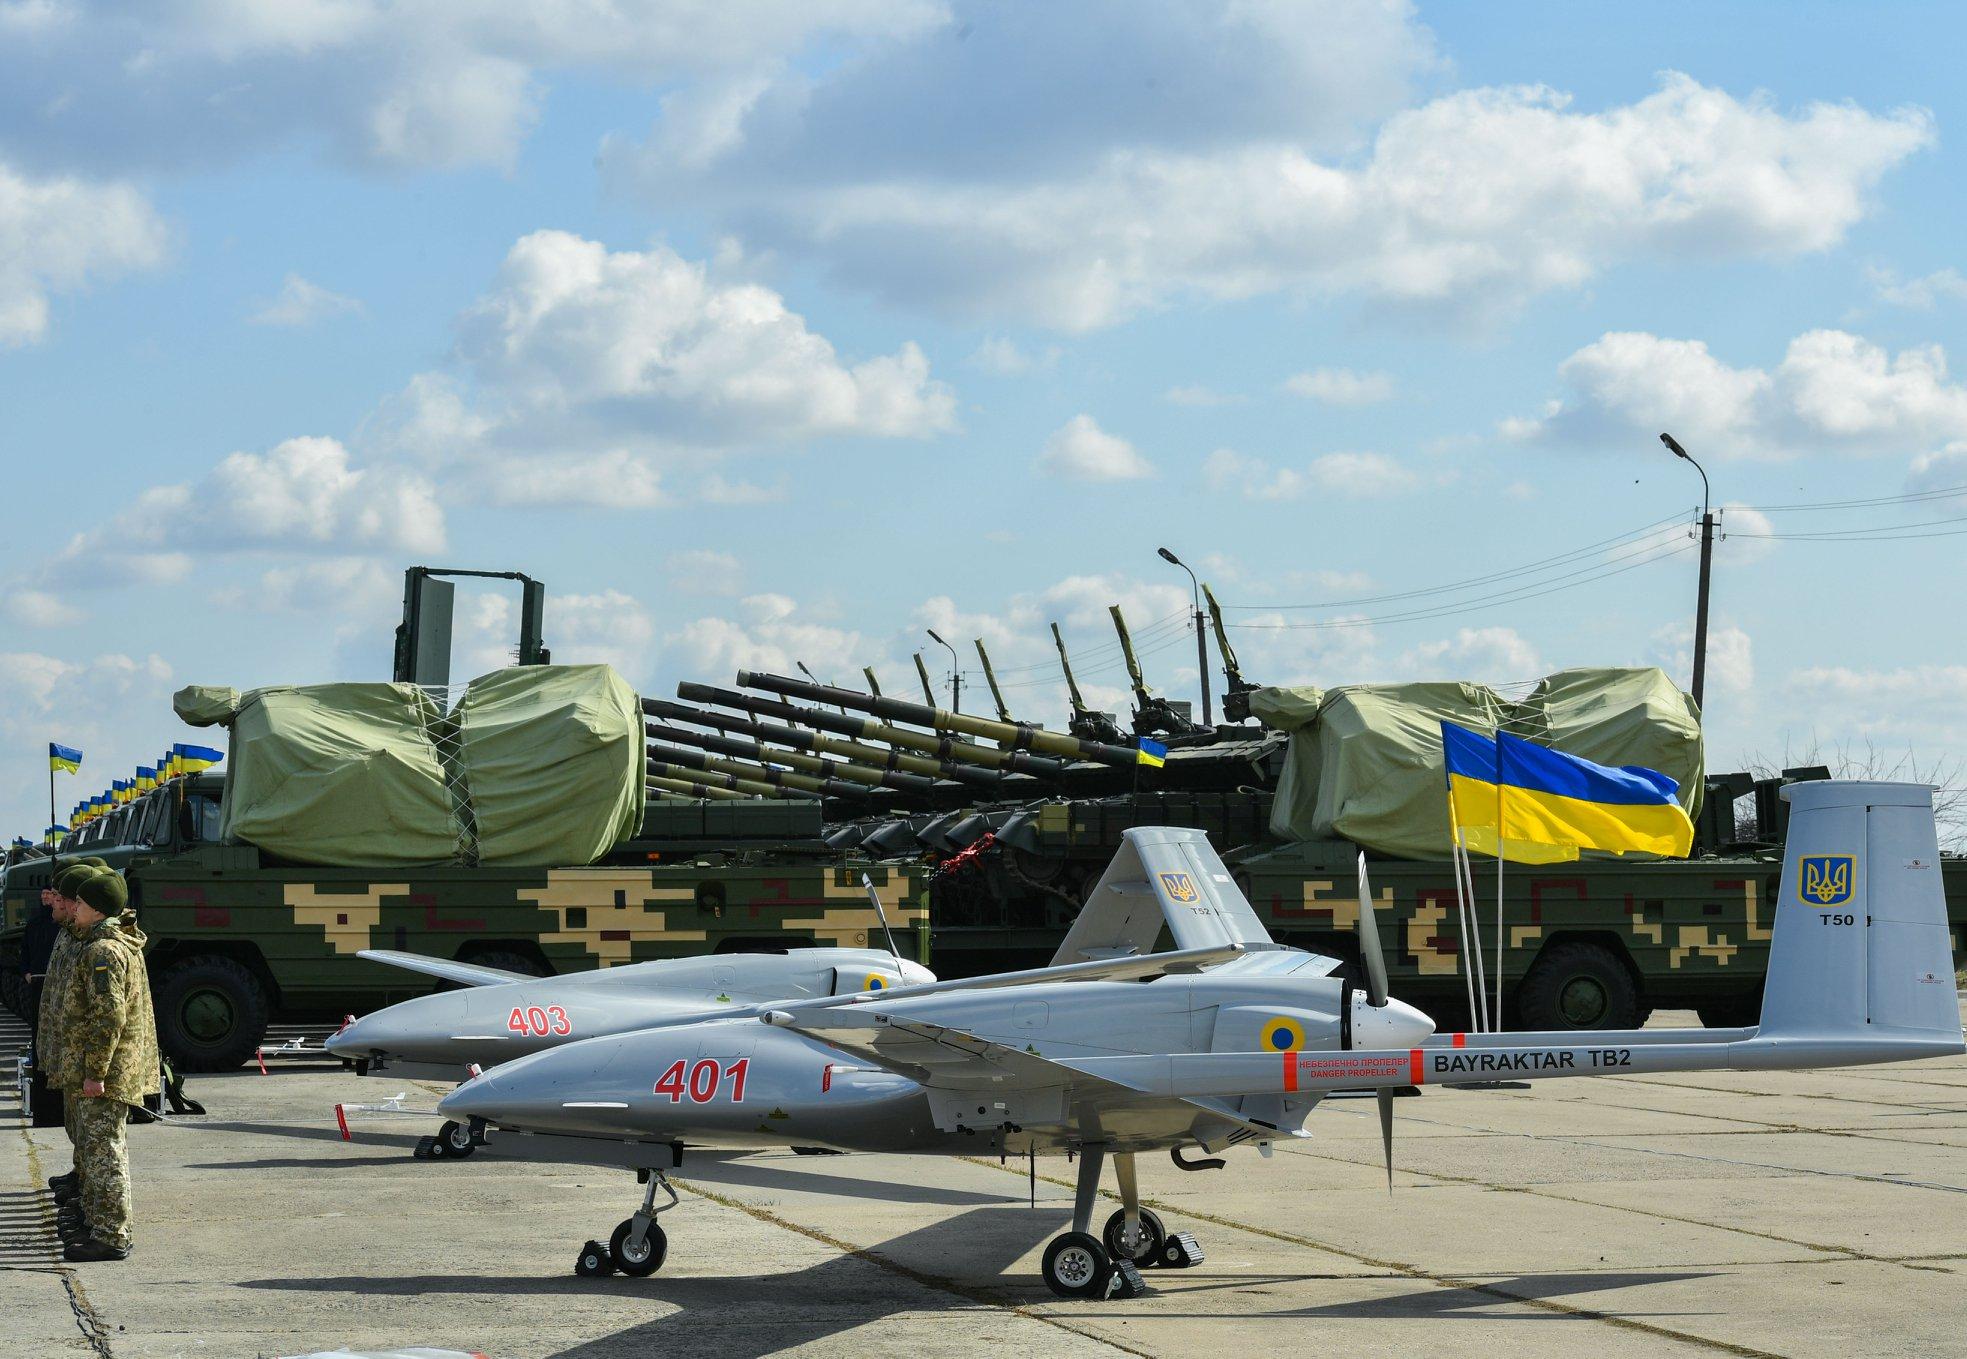 وفد أوكراني يبحث شراء طائرات بدون طيار تركية الصنع 6664695_original